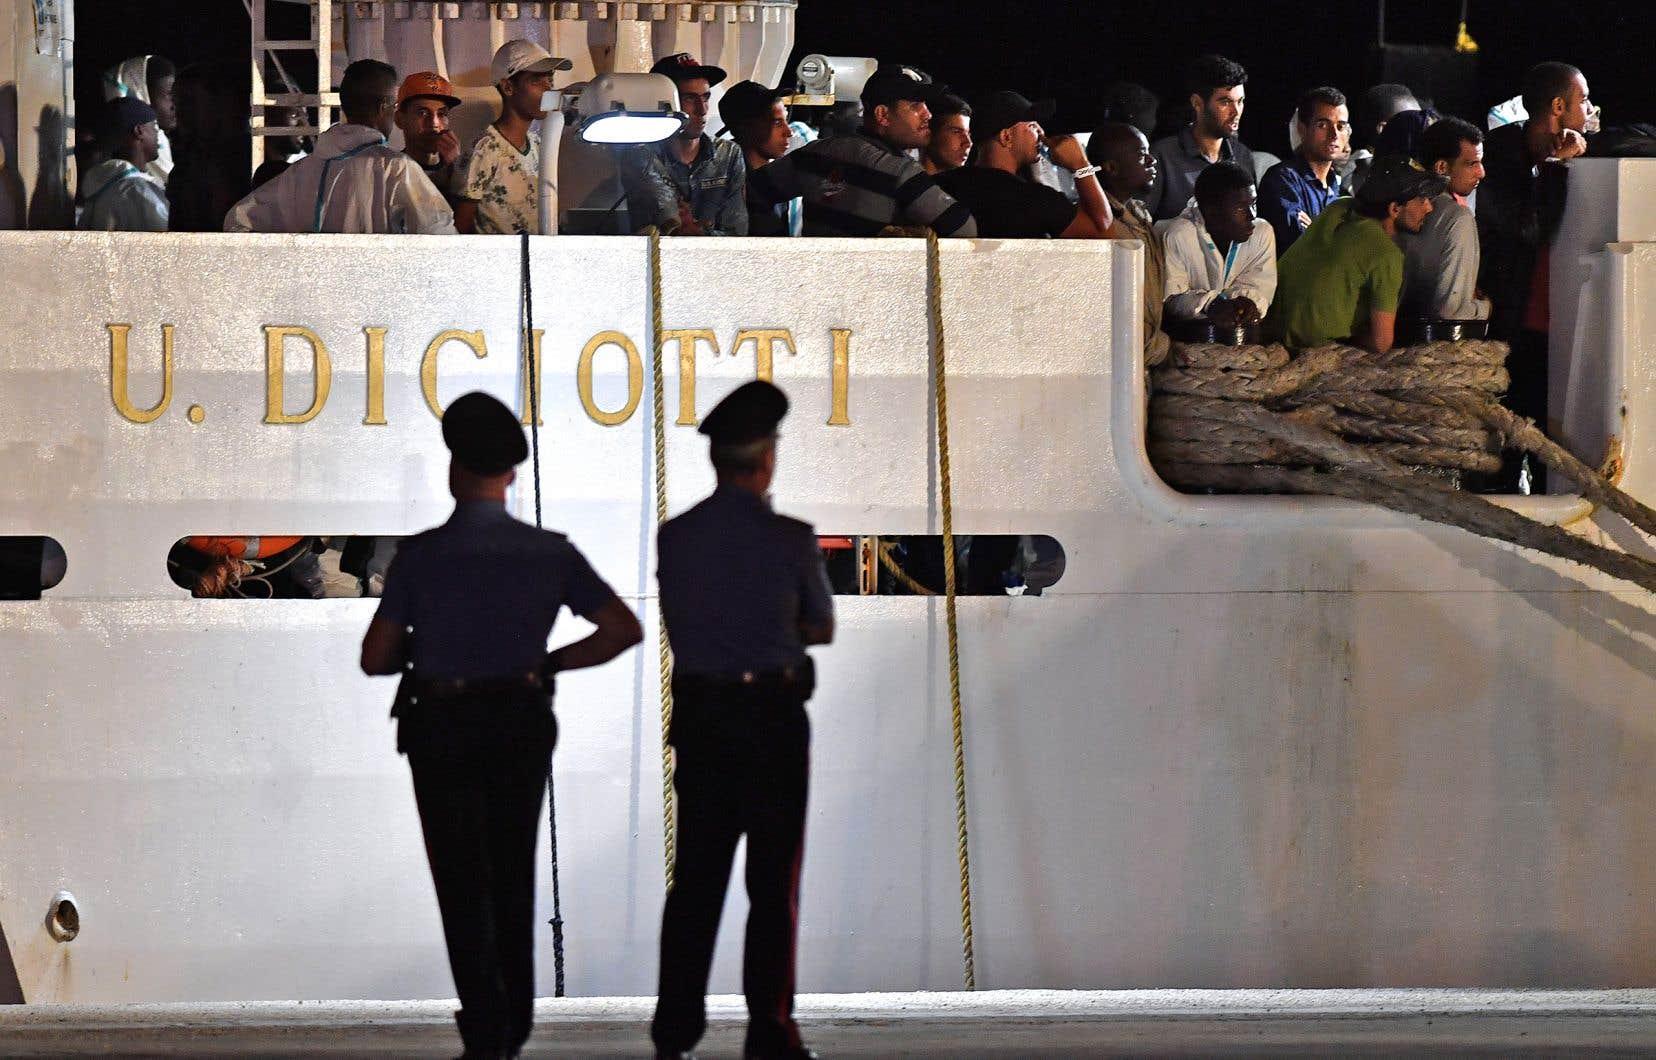 L'opération Sophia a permis de secourir en mer près de 44000 personnes depuis son lancement en 2015, a indiqué l'amiral italien Enrico Credentino.